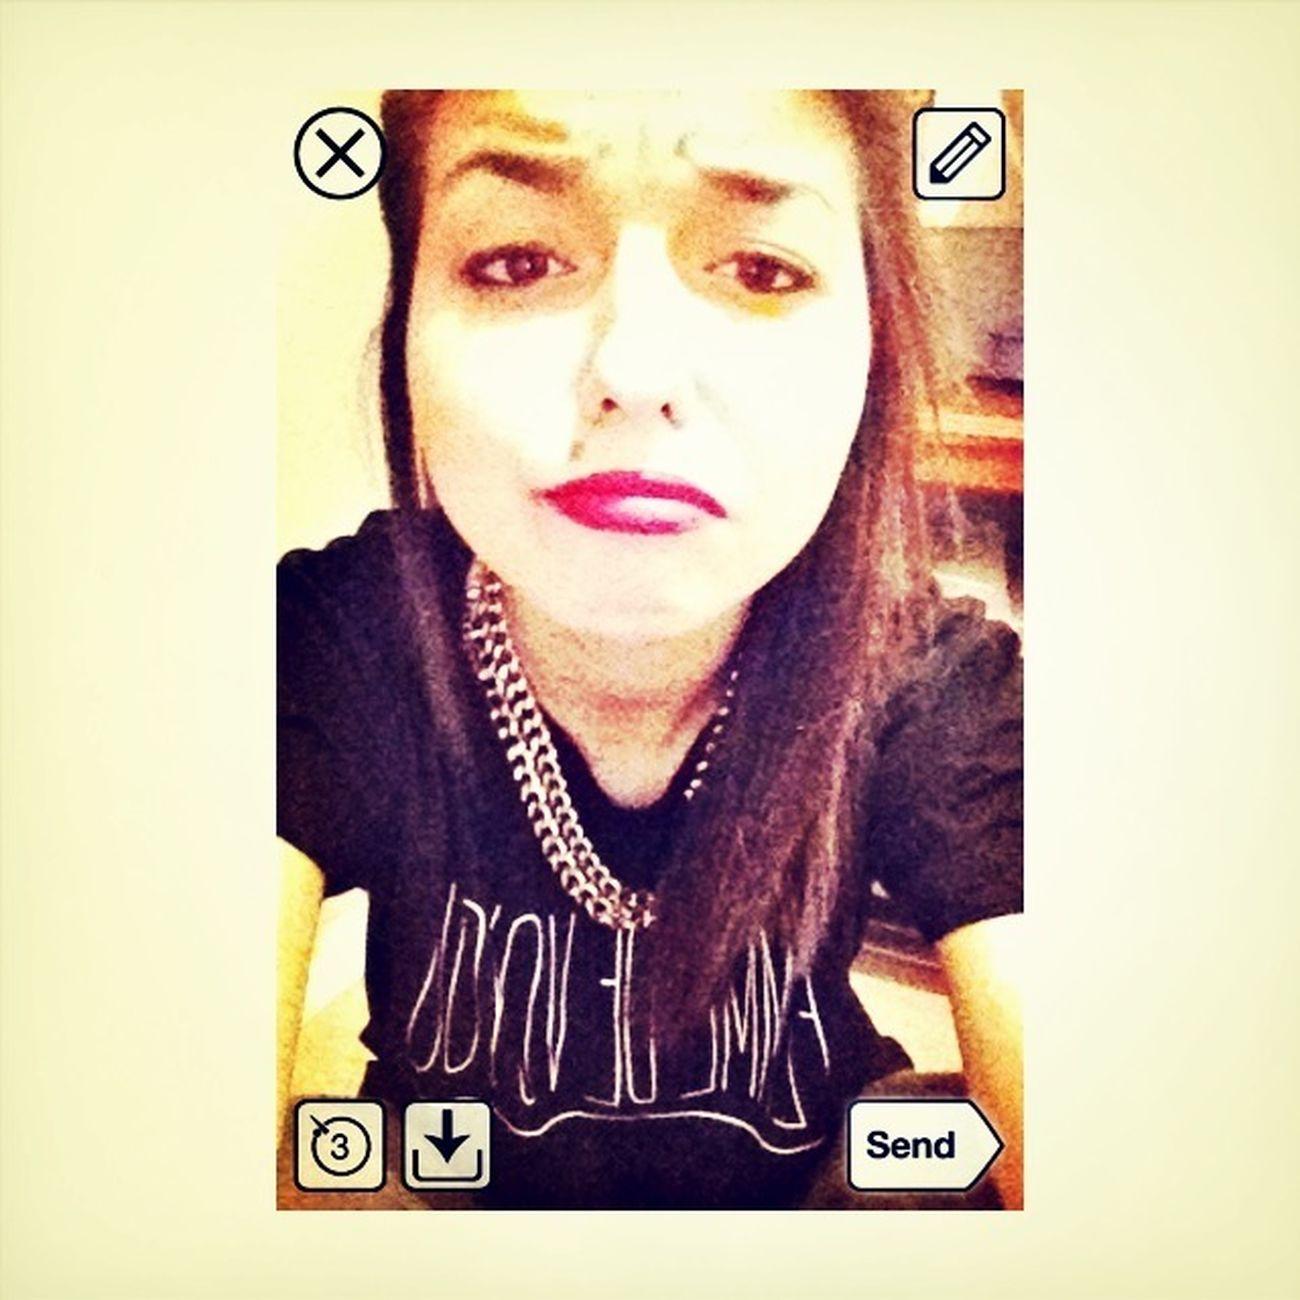 Snapchat Face